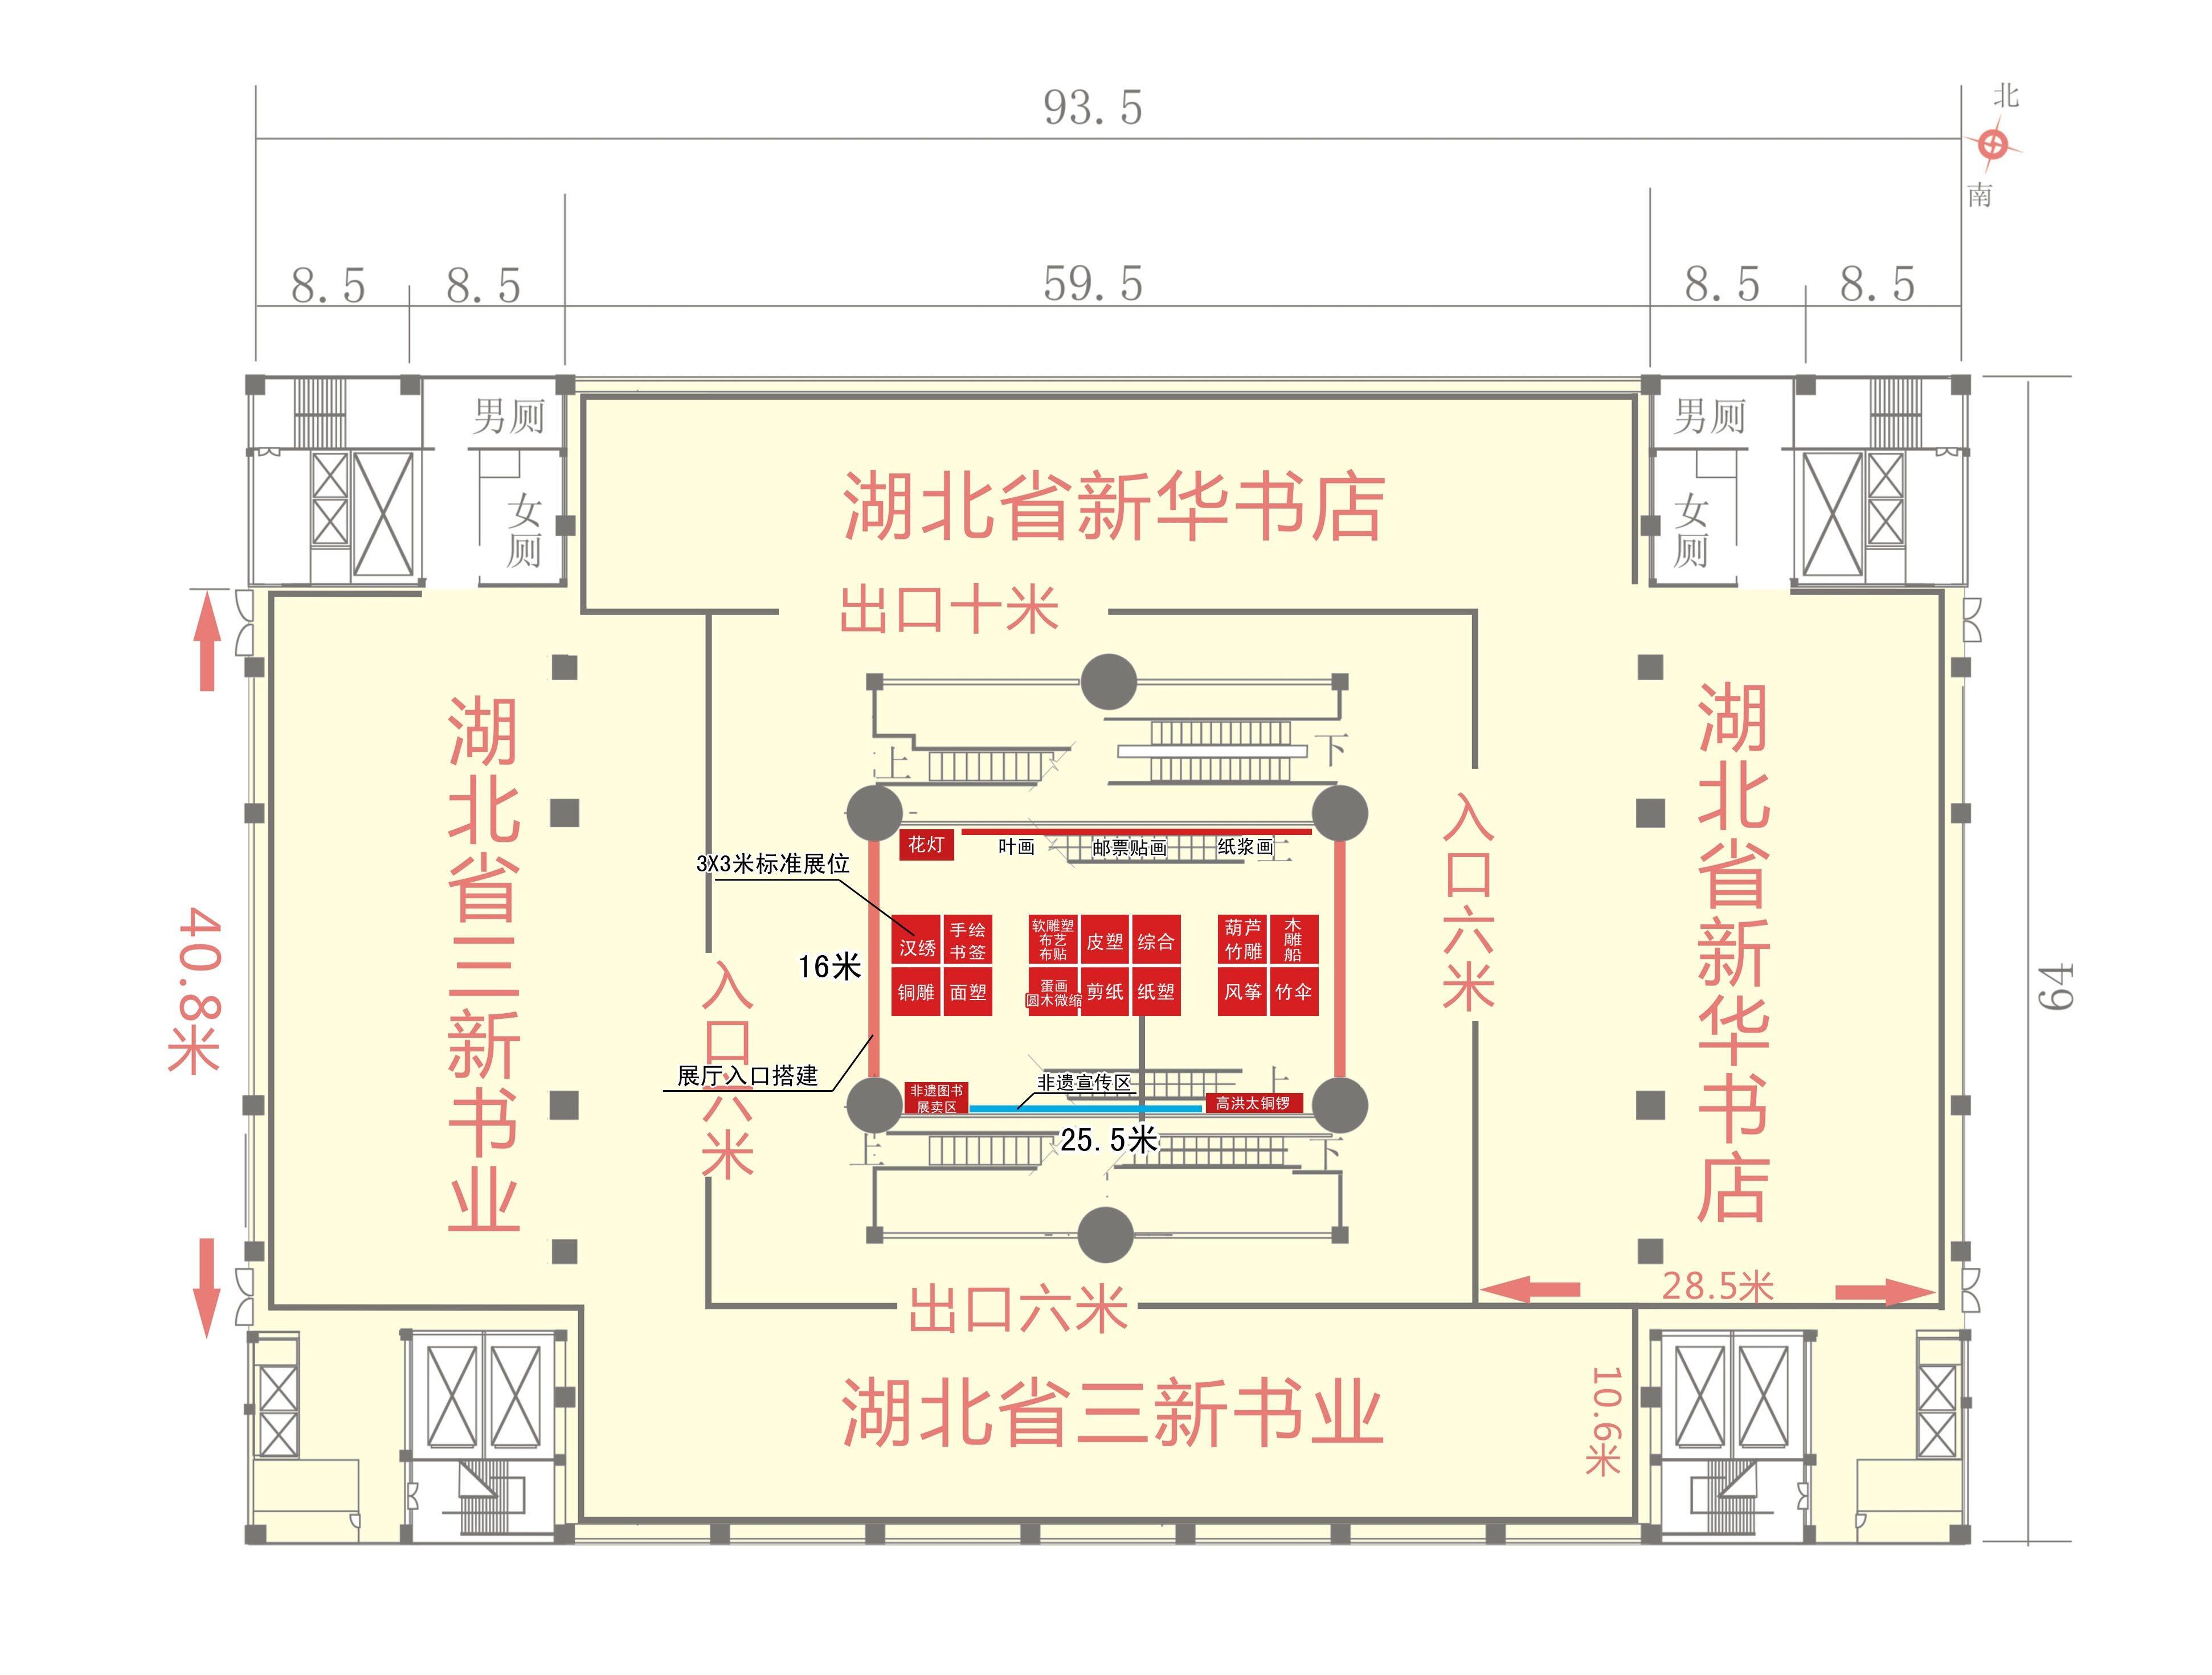 2014刊博会展馆二层展厅平面展位布局图(下载)